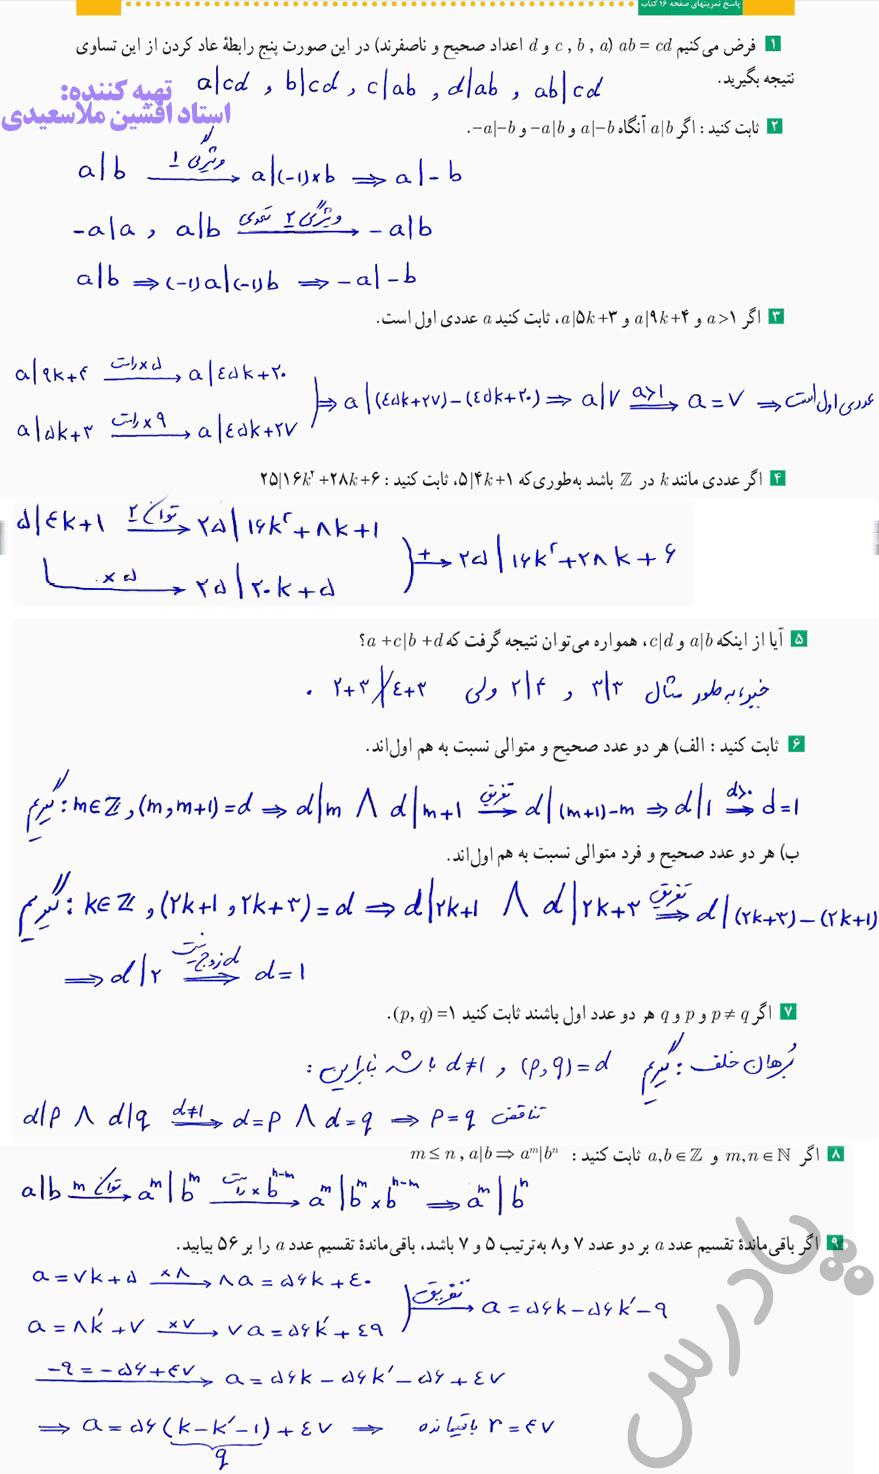 حل تمرین صفحه 16 ریاضیات گسسته دوازدهم